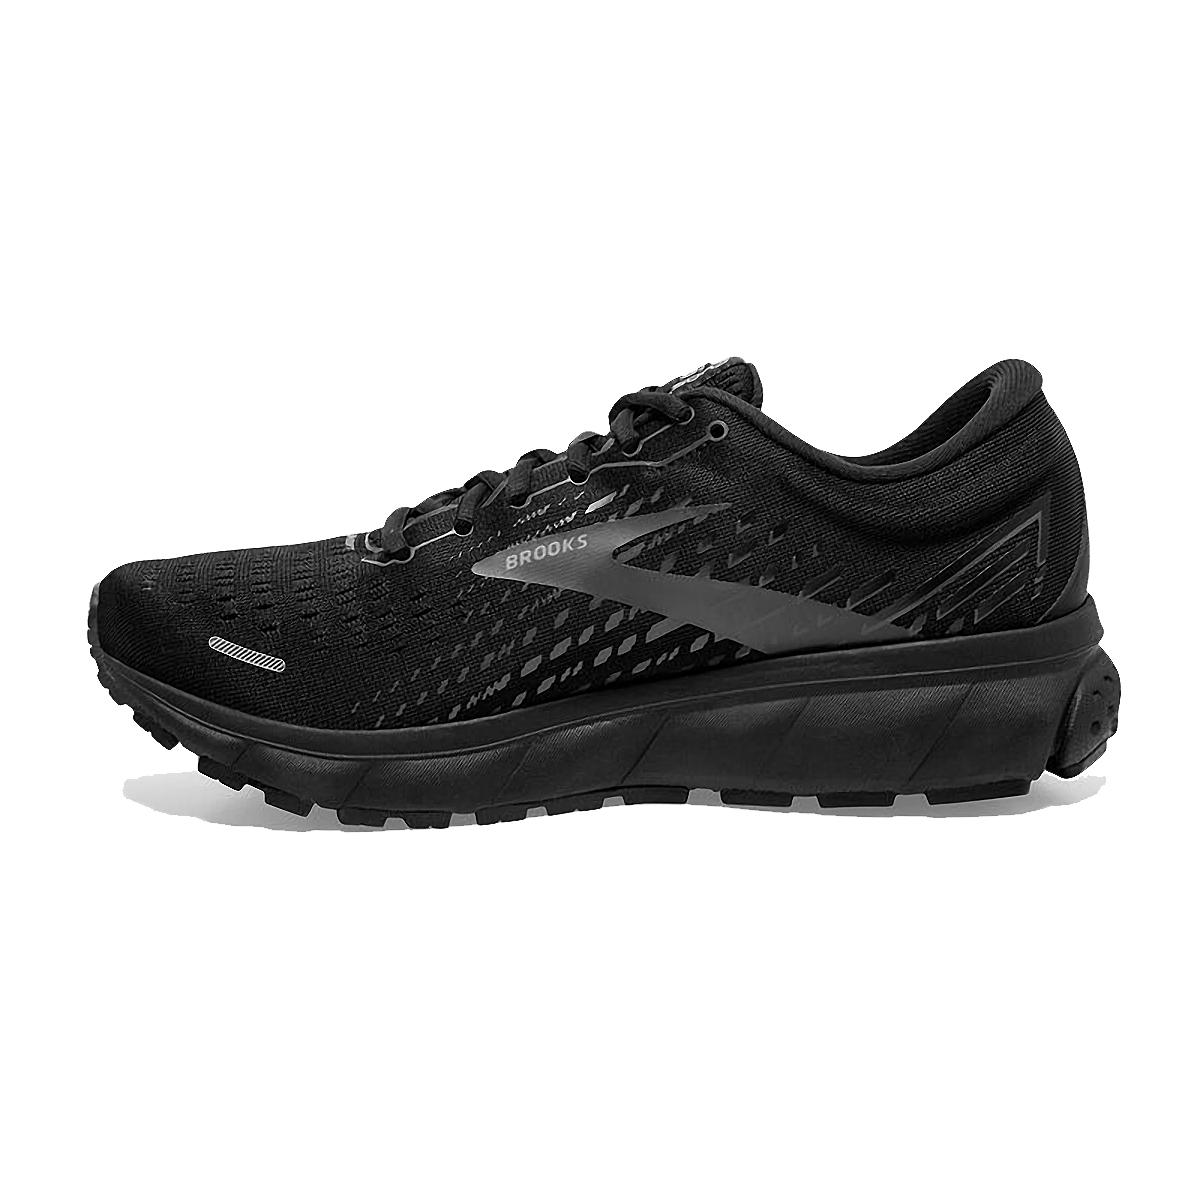 Men's Brooks Ghost 13 Running Shoe - Color: Black/Black - Size: 7 - Width: Regular, Black/Black, large, image 2